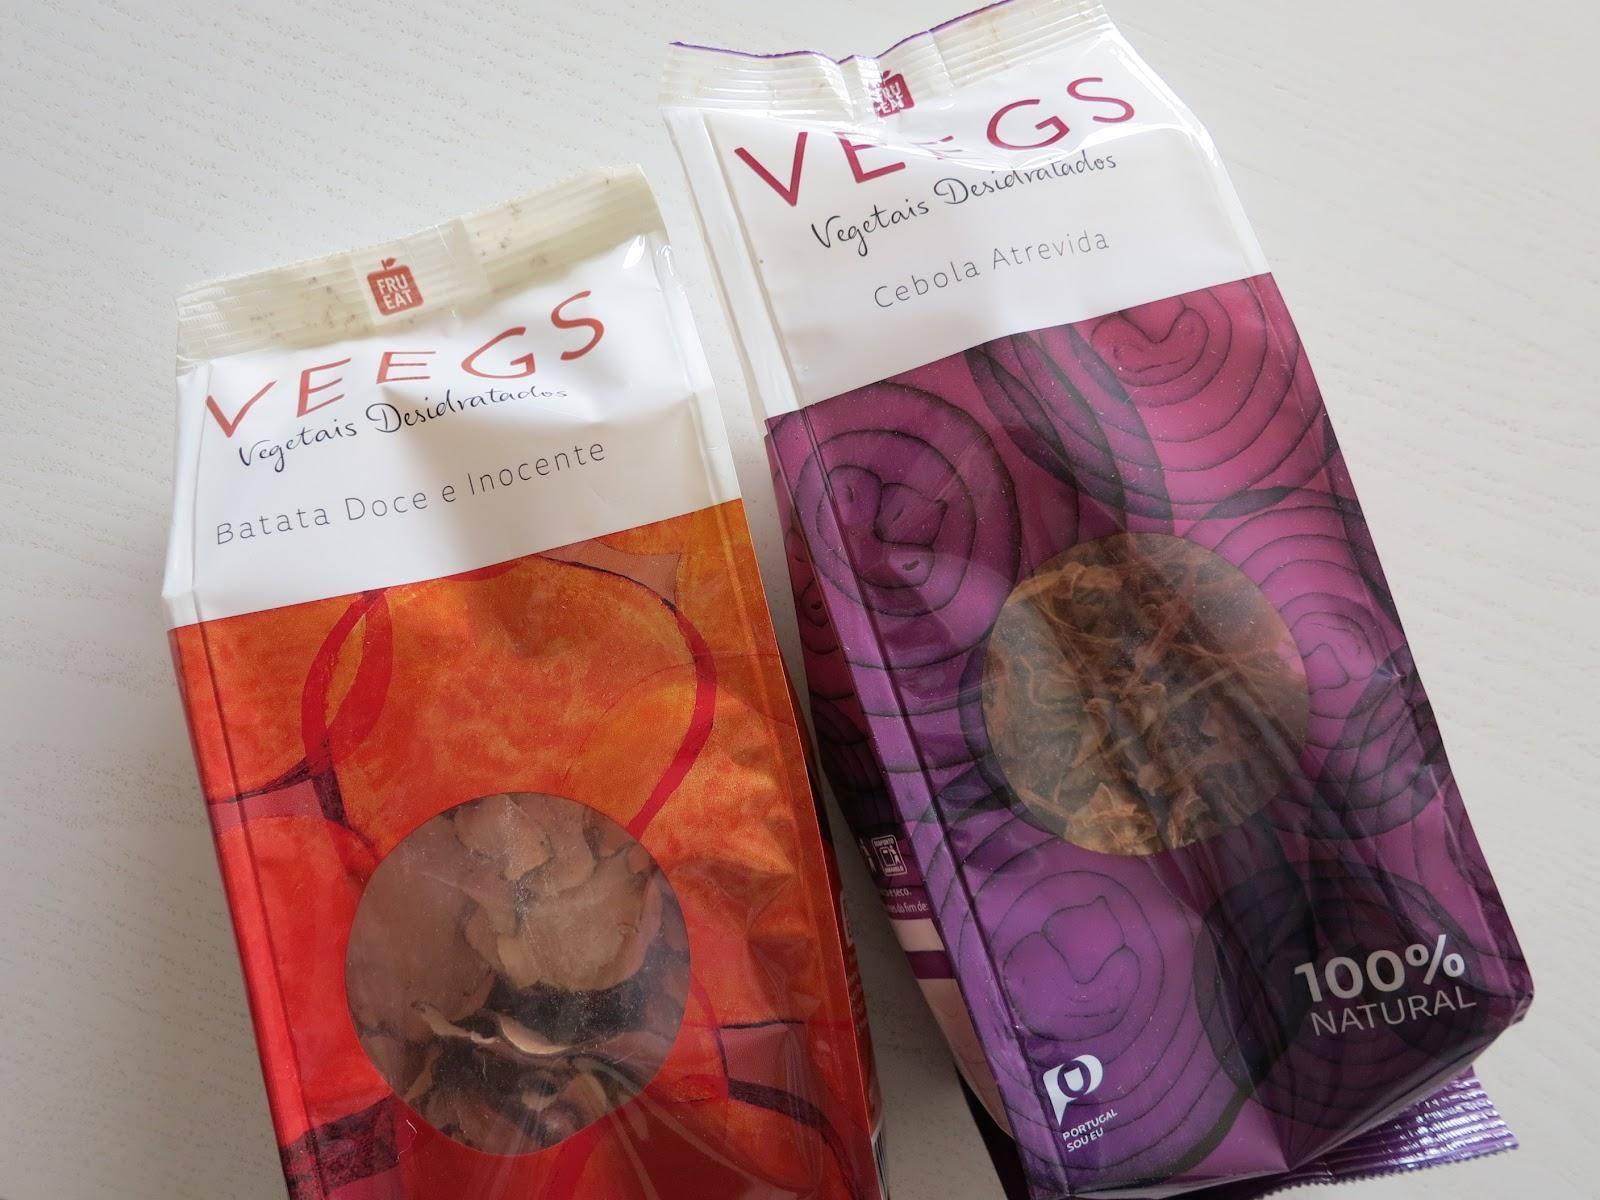 Veegs: Legumes Desidratados